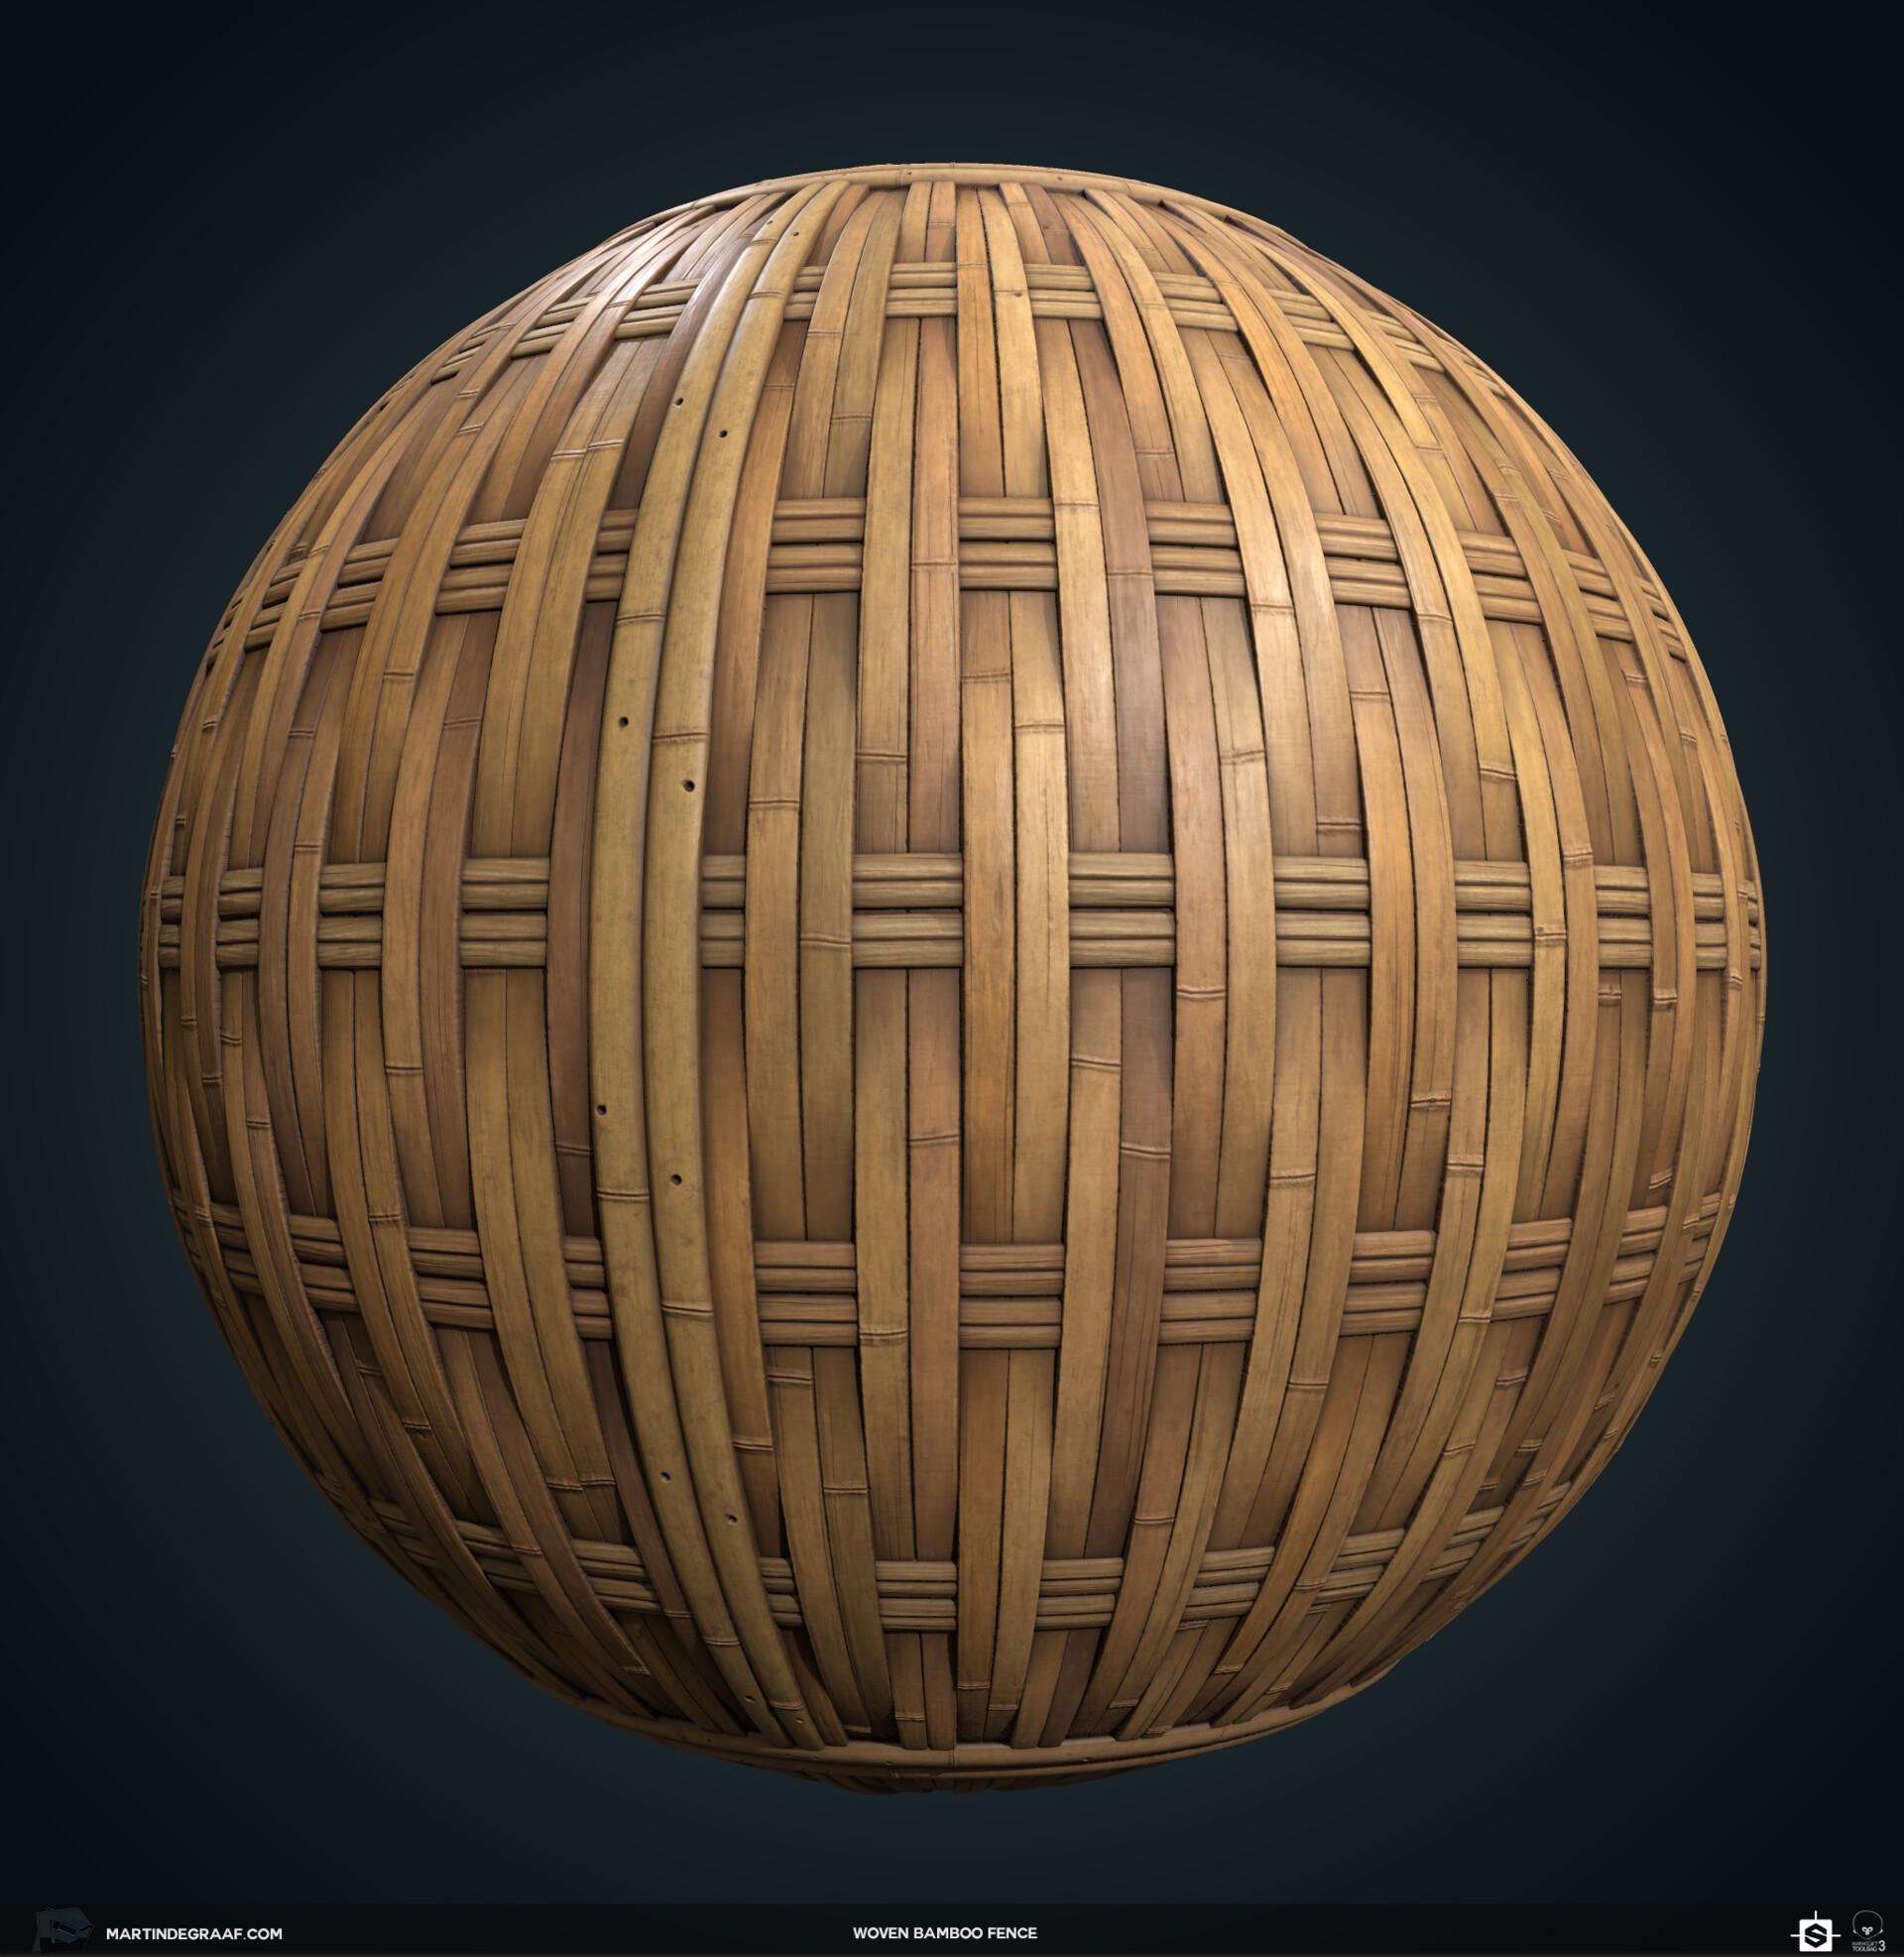 Martin de graaf woven bamboo fence substance sphere2 martin de graaf 2019